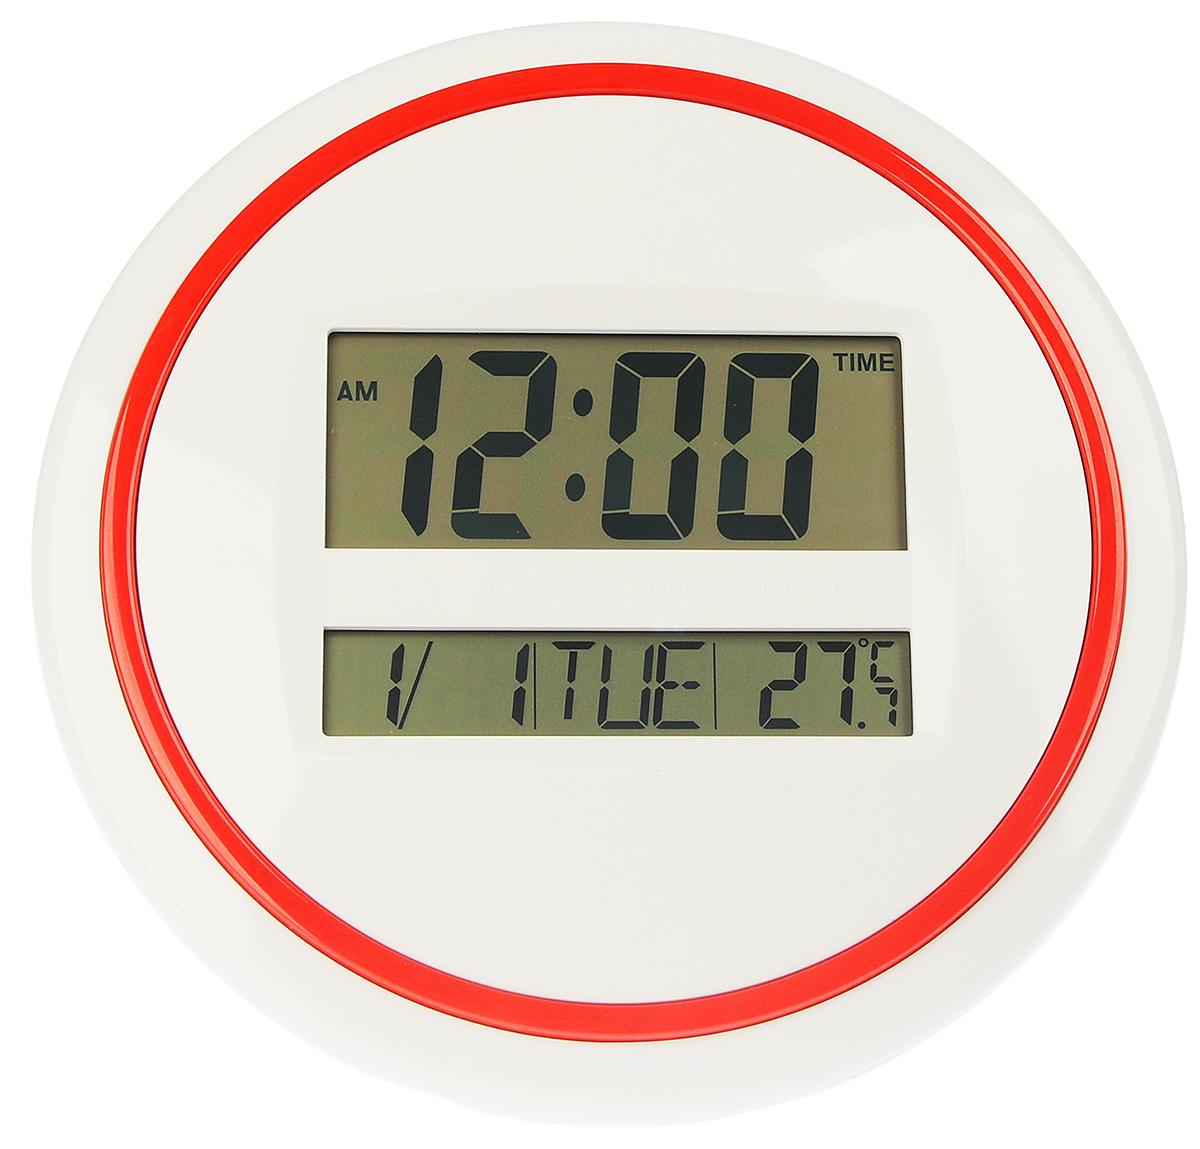 Часы настенные электронные, 26 х 26 см2590506Каждому хозяину периодически приходит мысль обновить свою квартиру, сделать ремонт, перестановку или кардинально поменять внешний вид каждой комнаты. — привлекательная деталь, которая поможет воплотить вашу интерьерную идею, создать неповторимую атмосферу в вашем доме. Окружите себя приятными мелочами, пусть они радуют глаз и дарят гармонию.Электронные настенные часы круг, красный контур, дата, температура, 2 АА 26*26см 2590506